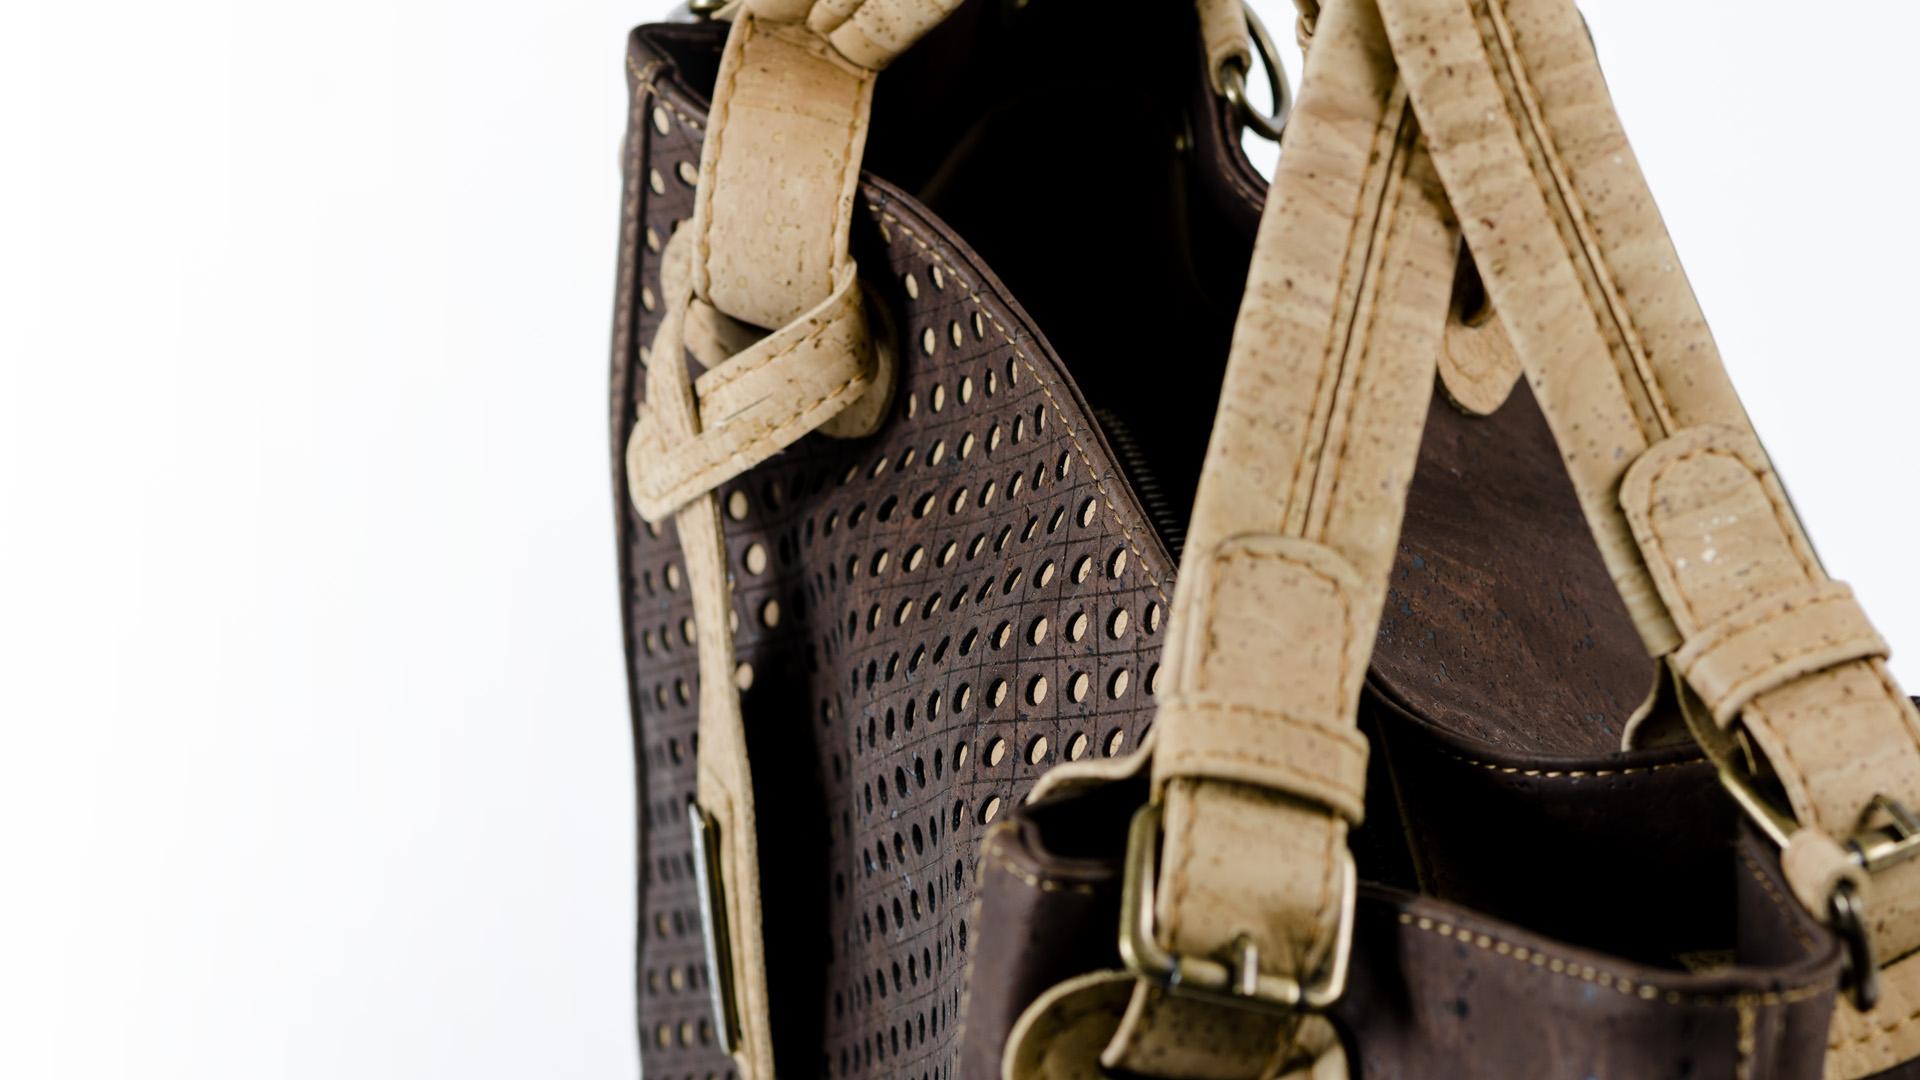 Korktasche, Kork Tasche City Bag, Brown \ Nature Cork, zoom, editorial